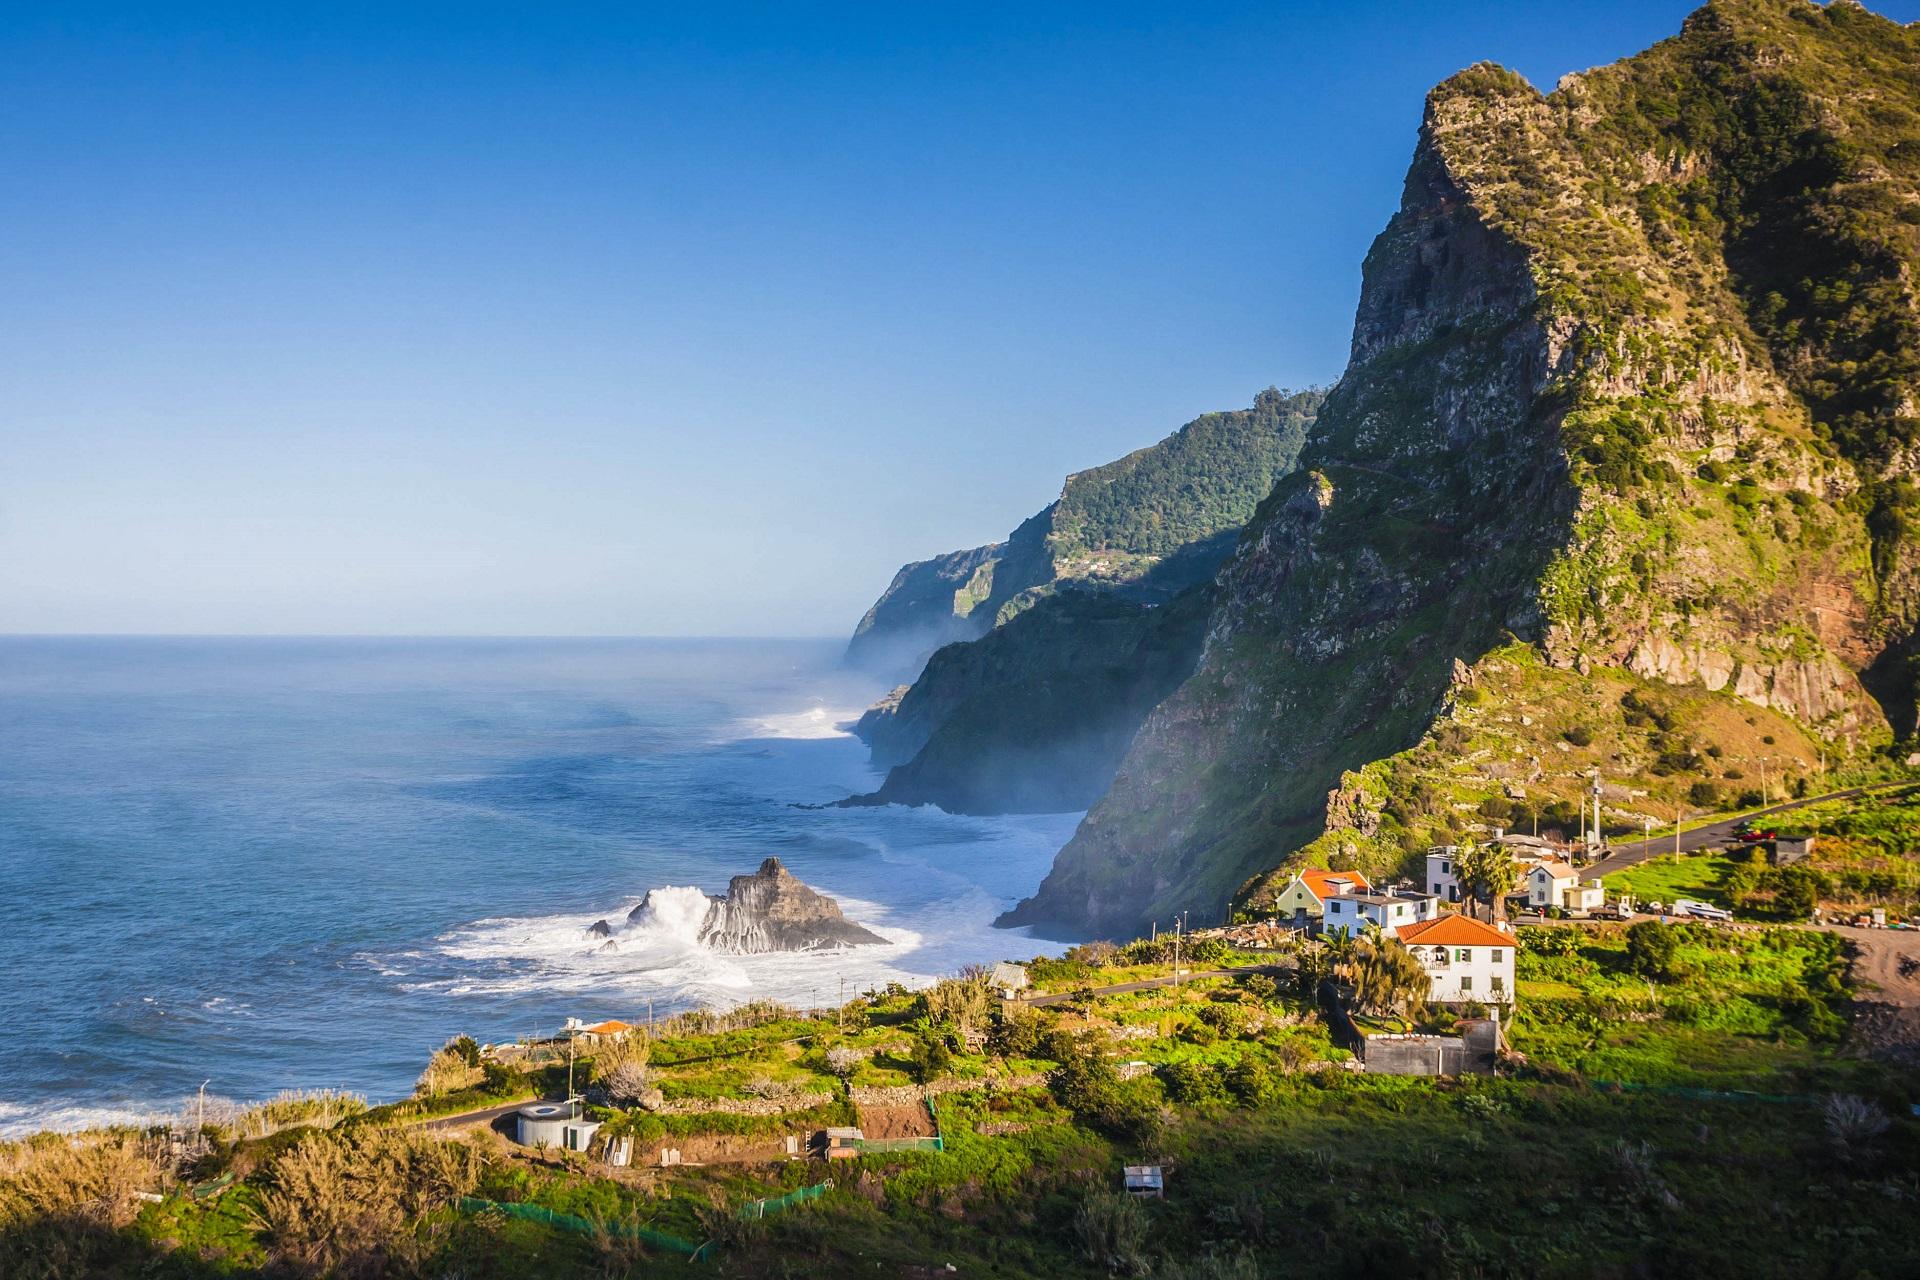 интереснее представительнее остров мадейра португалия фото выглядит как